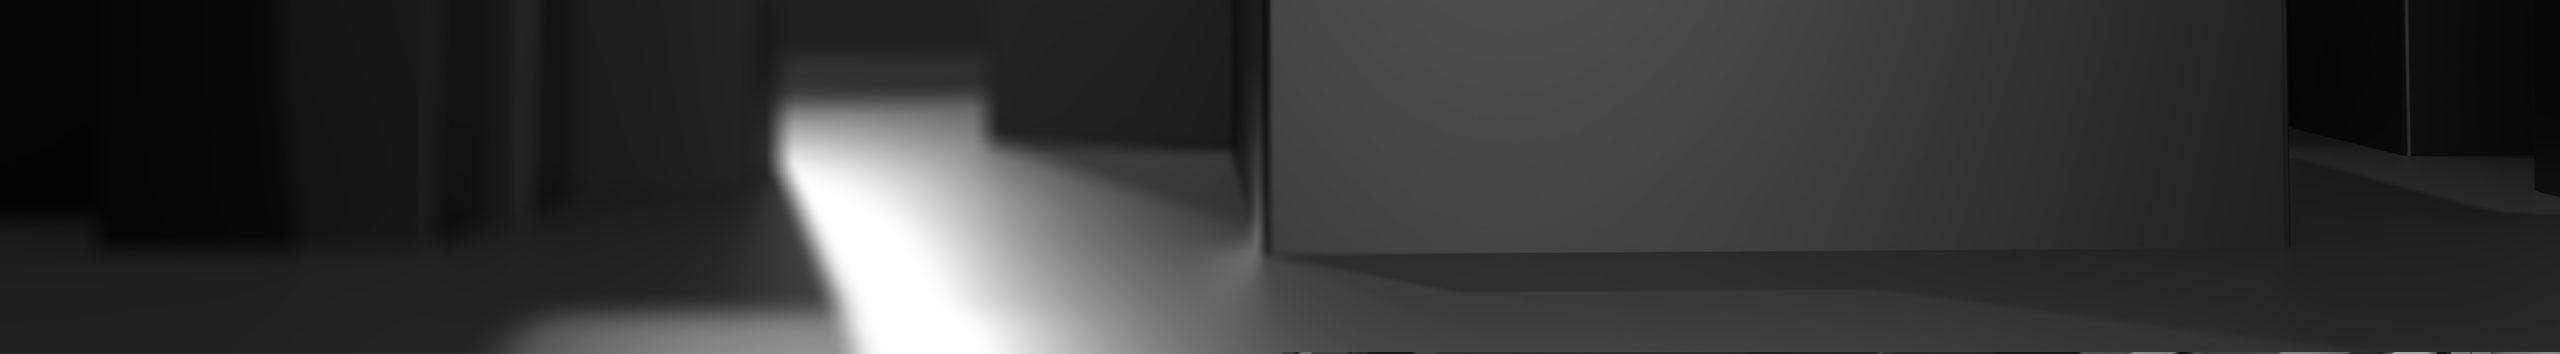 TP809热敏票据打印机,黑白两色可选  第19张